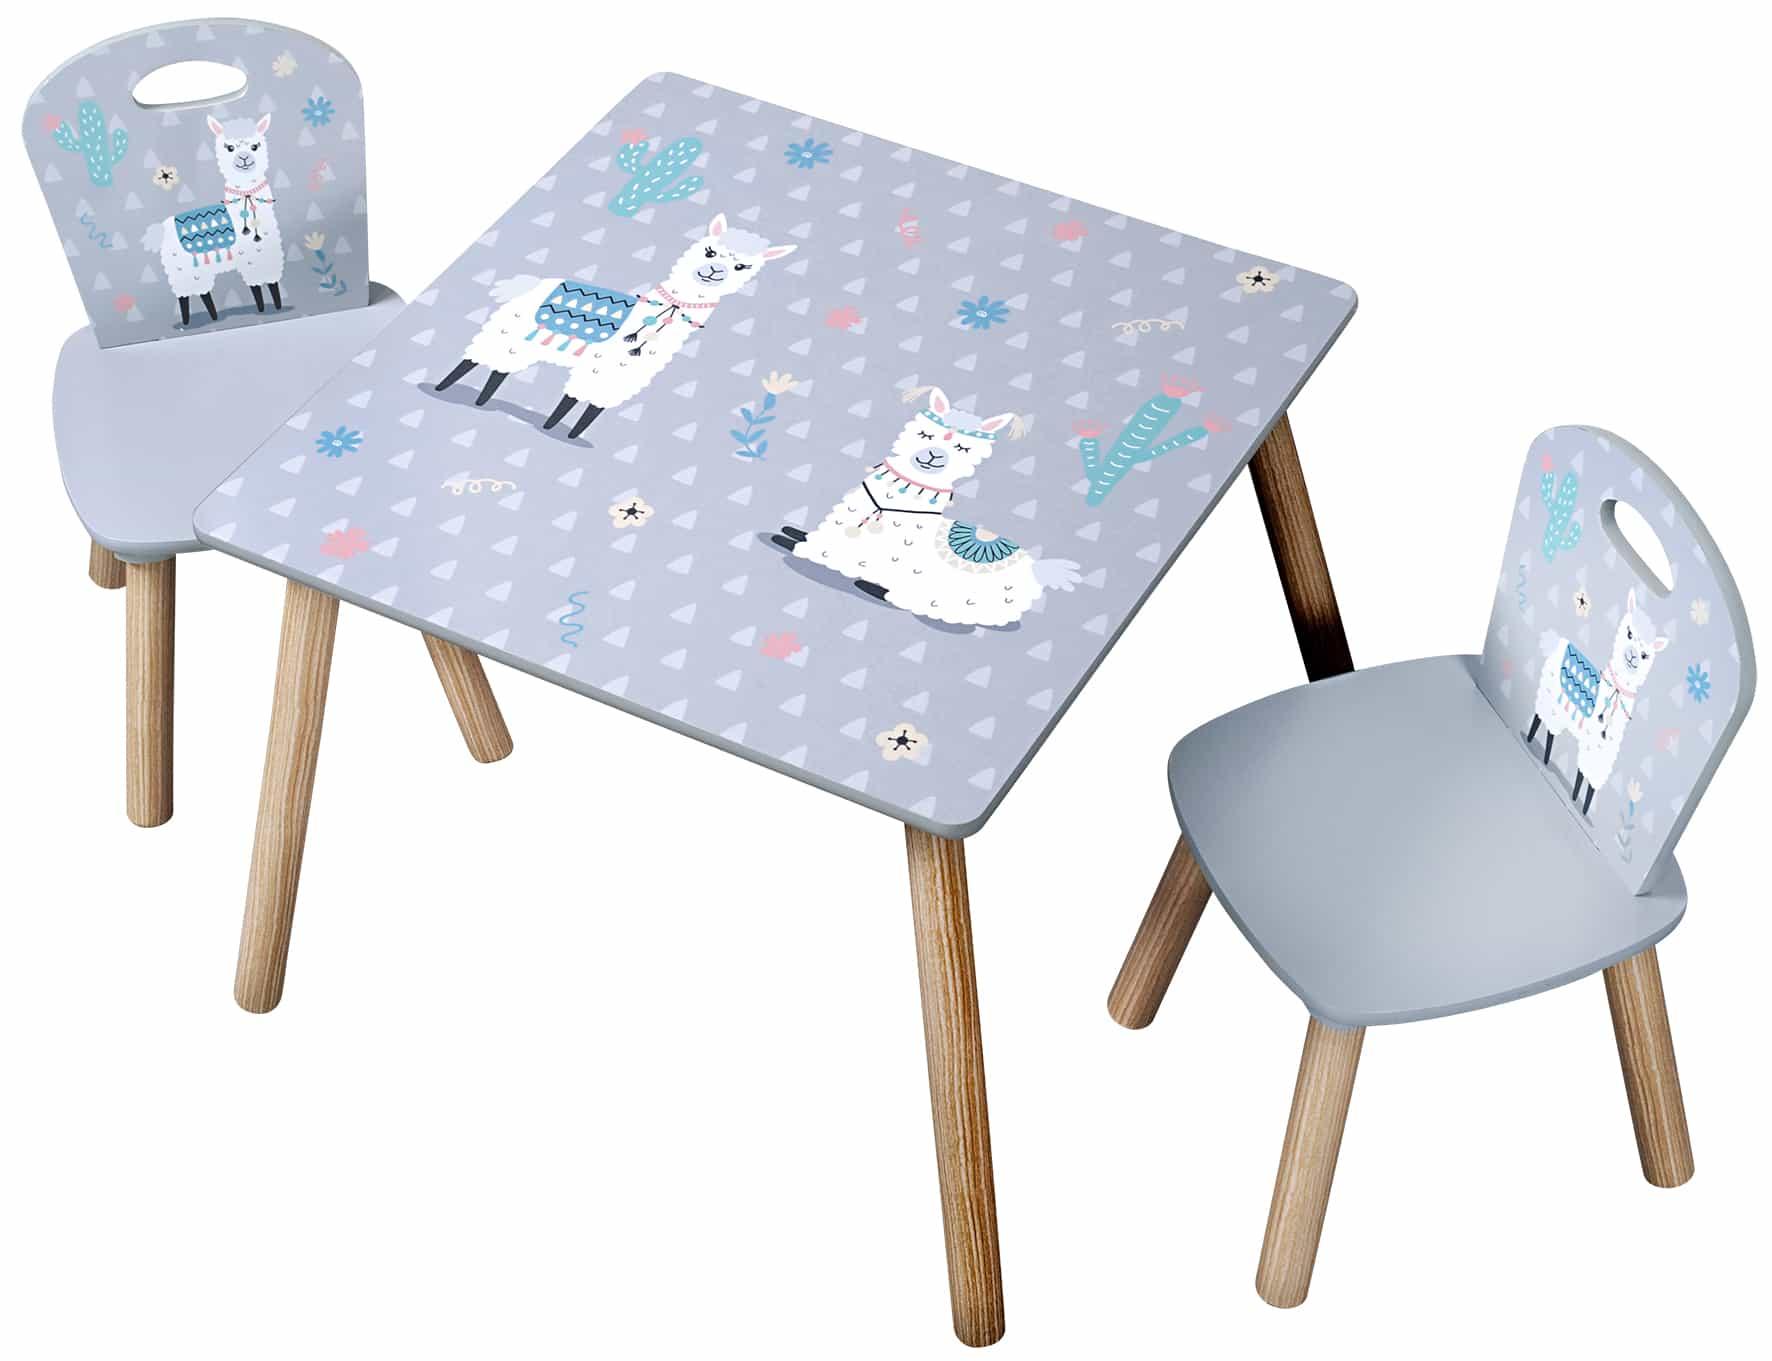 4goodz Stevige Kindertafelset met 2 stoelen Alpaka motief - Grijs